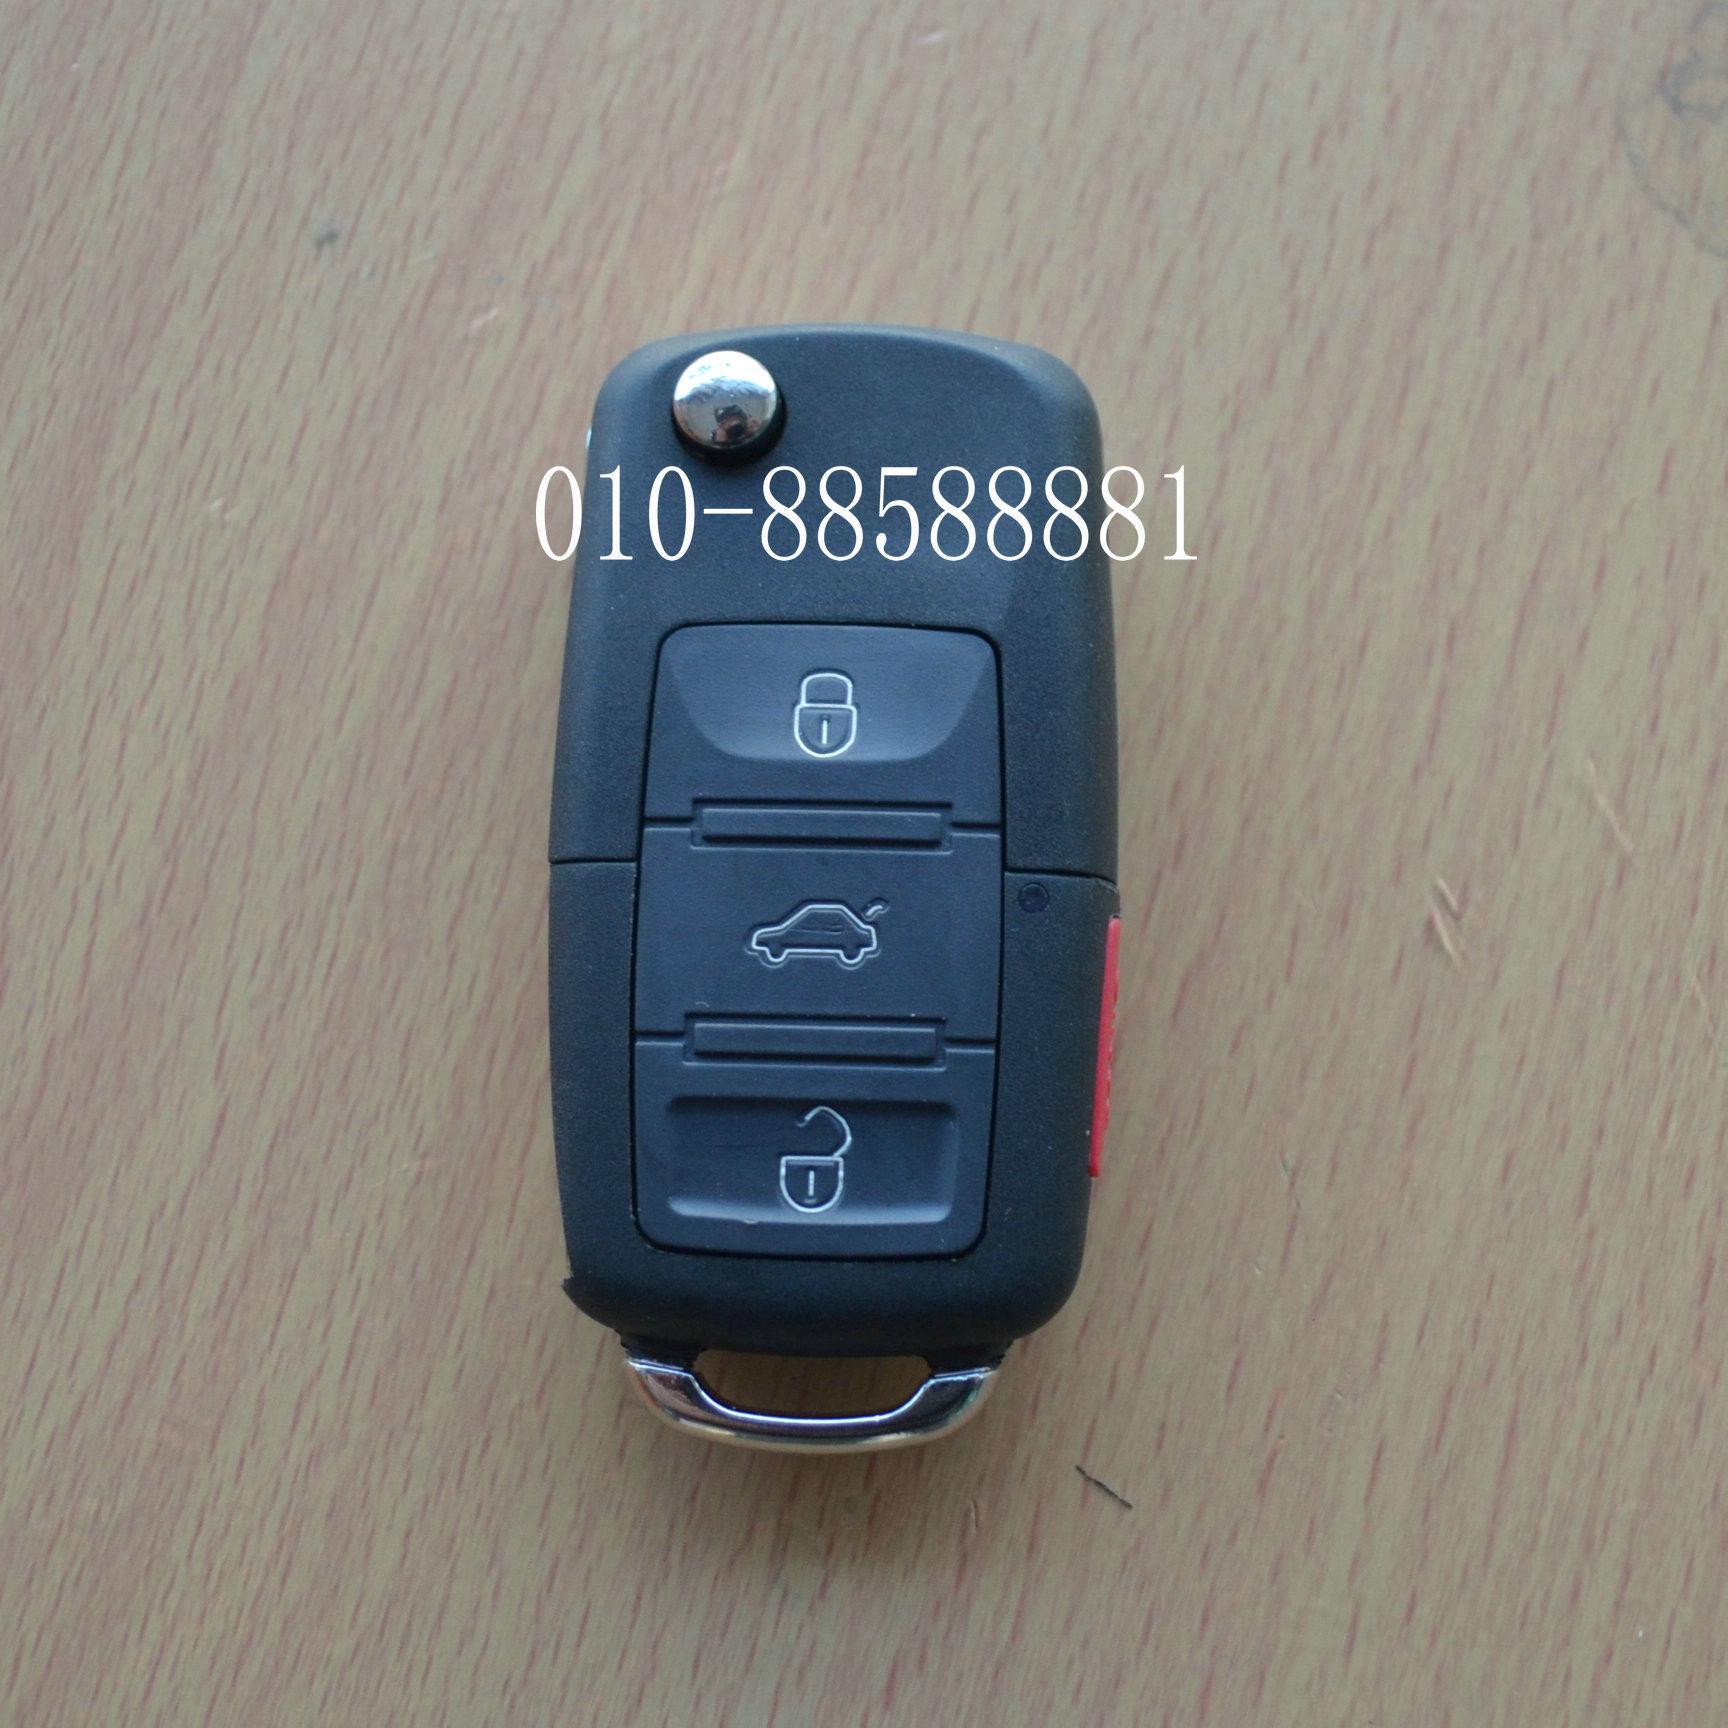 汽车钥匙 尼桑骊威 轩逸分体改装折叠钥匙 遥控钥匙 直接高清图片